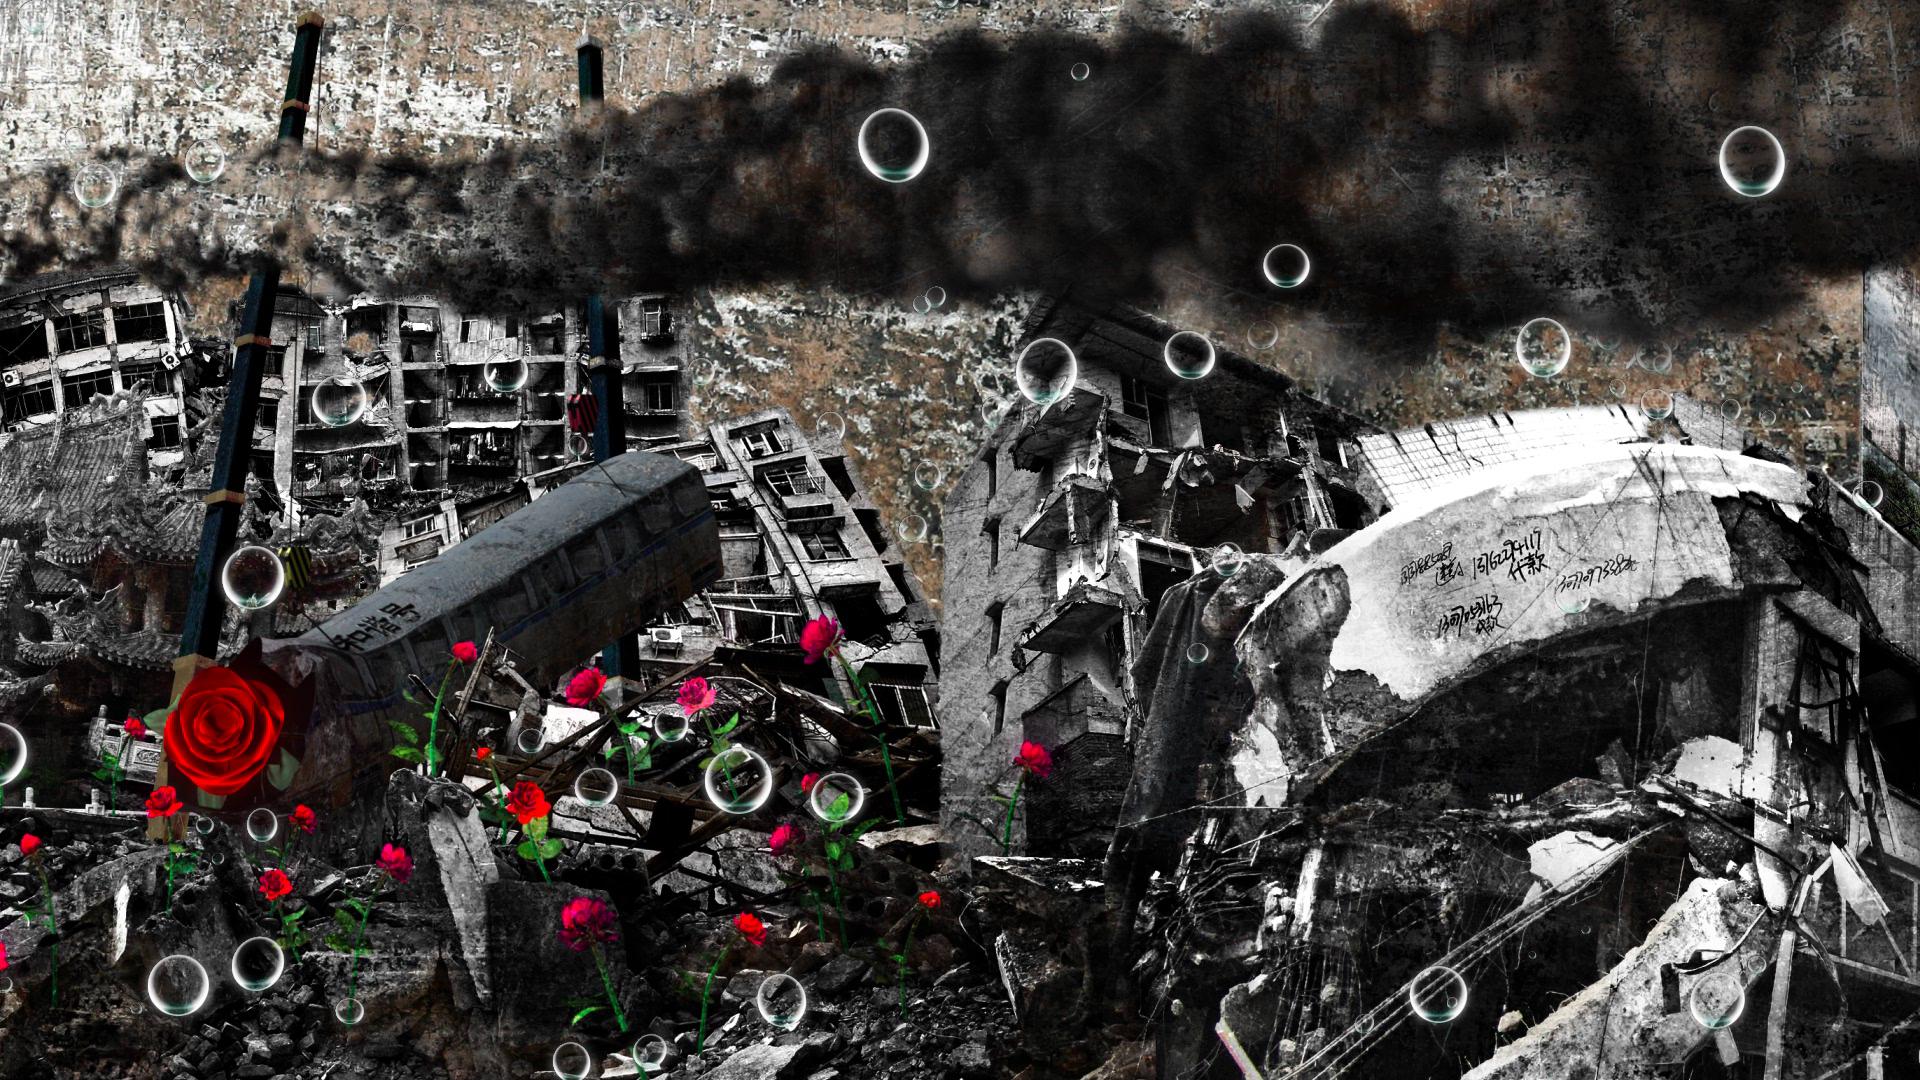 - 作品名称:《花好月圆》导演:钟甦国家/地区:中国创作时间:2014 片长:5分26秒Title: Blooming Flowers and Full Moon Director: Zhong SuCountry/Area: ChinaYear of Production: 2014 Length: 5 mins 26 secs《花好月圆》作品介绍此片尝试使用单一的长镜头进行叙事,并不在意剧情,着意关注现实与记忆,发掘图像内在的意义与逻辑,在挑战技术极限的同时建构电影自身的逻辑。因此,只有一个镜头是这部影片的特点之一,而这可能也是最不重要的。The Synopsis of Blooming Flowers and Full Man This film tries to use a full-length shot to narrate the story, ignoringthe plot. It pays attention to the reality and memory, and digs out the inner sense and logic of the images. The artist challenges the limits of the techniques and simultaneously builds up the logic of the film itself. Therefore, only one shot is the characteristic of this film, but it might be the least important.